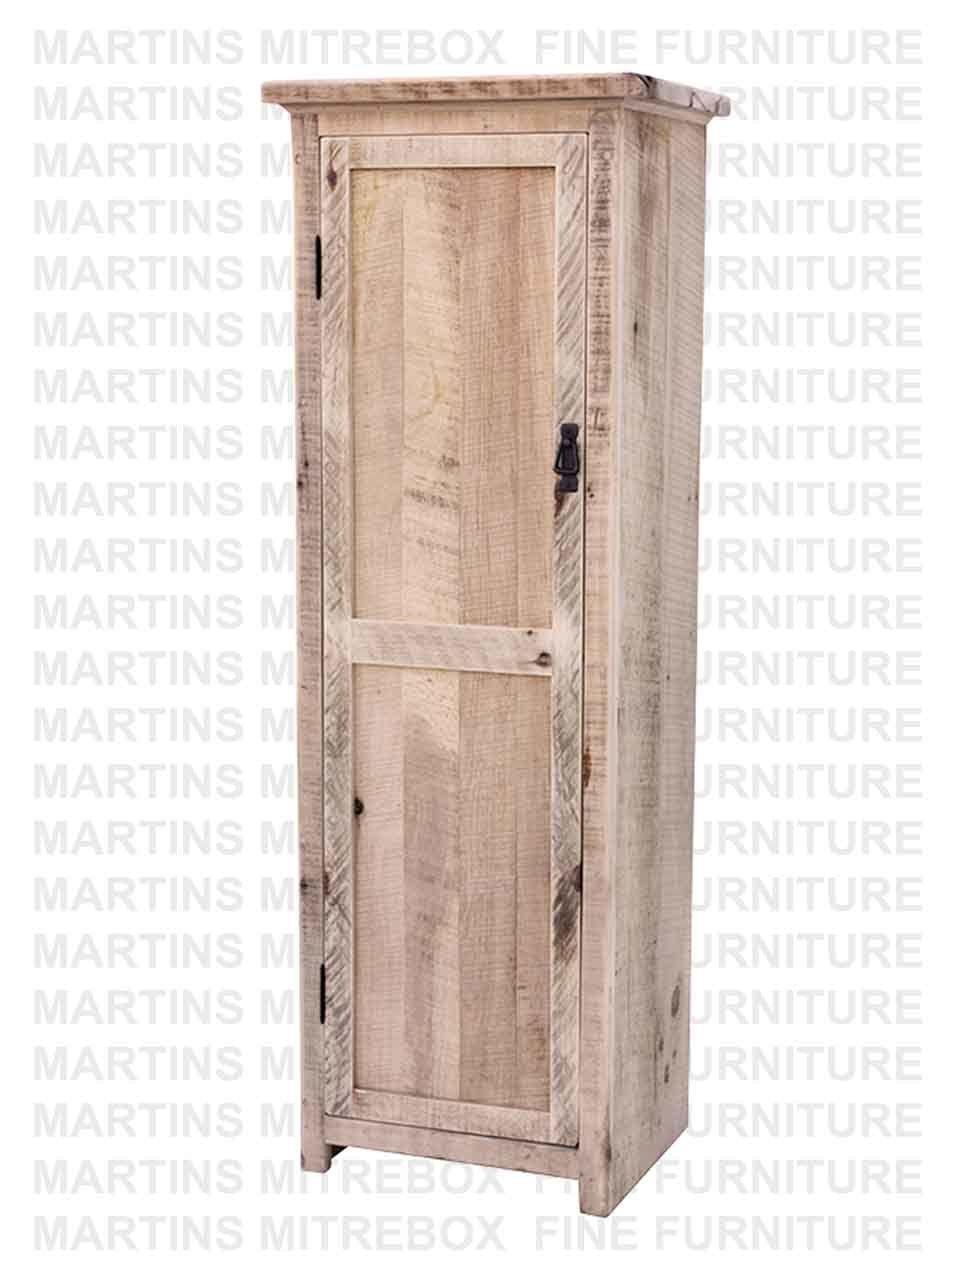 Martins Mitrebox Fine Furniture Pine Rustic Water Cooler Cabinet 16 D X 23